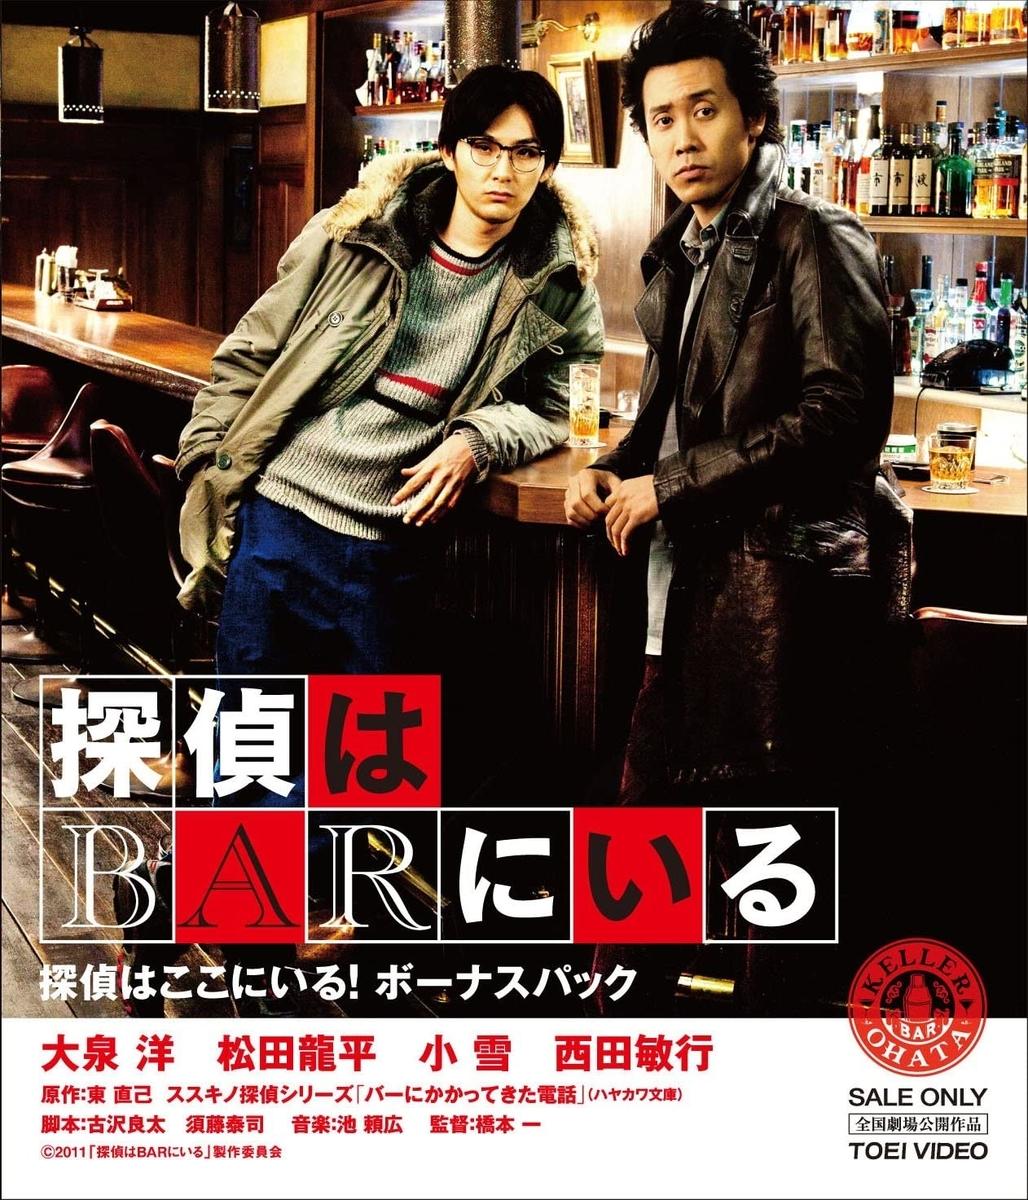 『探偵はBARにいる 【Blu-ray1枚+DVD2枚組】「探偵はここにいる! ボーナスパック」』アミューズソフトエンタテインメント、2012年